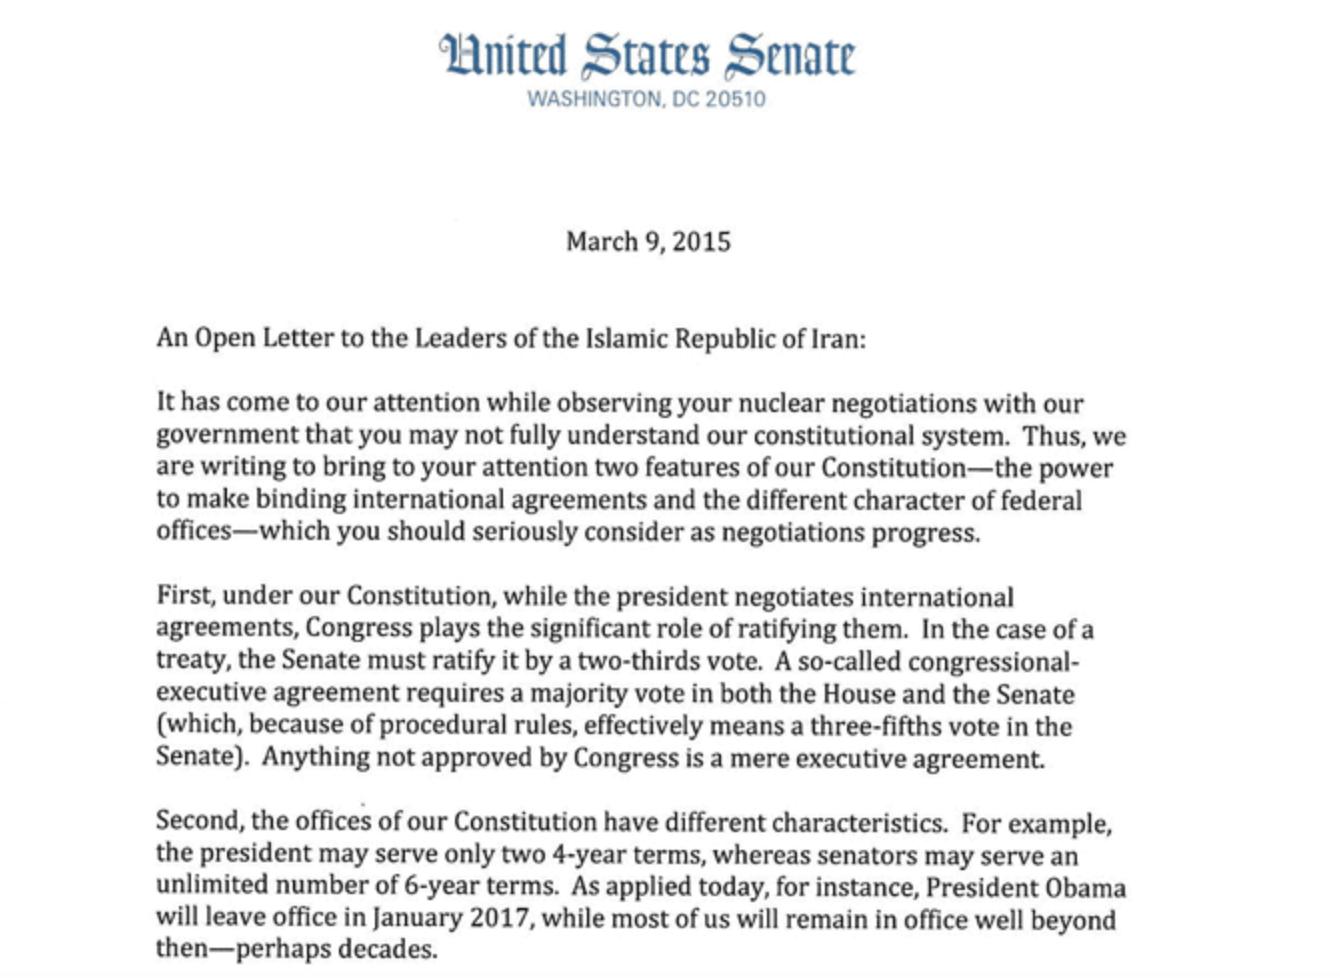 2015年3月,美國國會共和黨議員發給伊朗領導人的公開信。(信件擷圖)